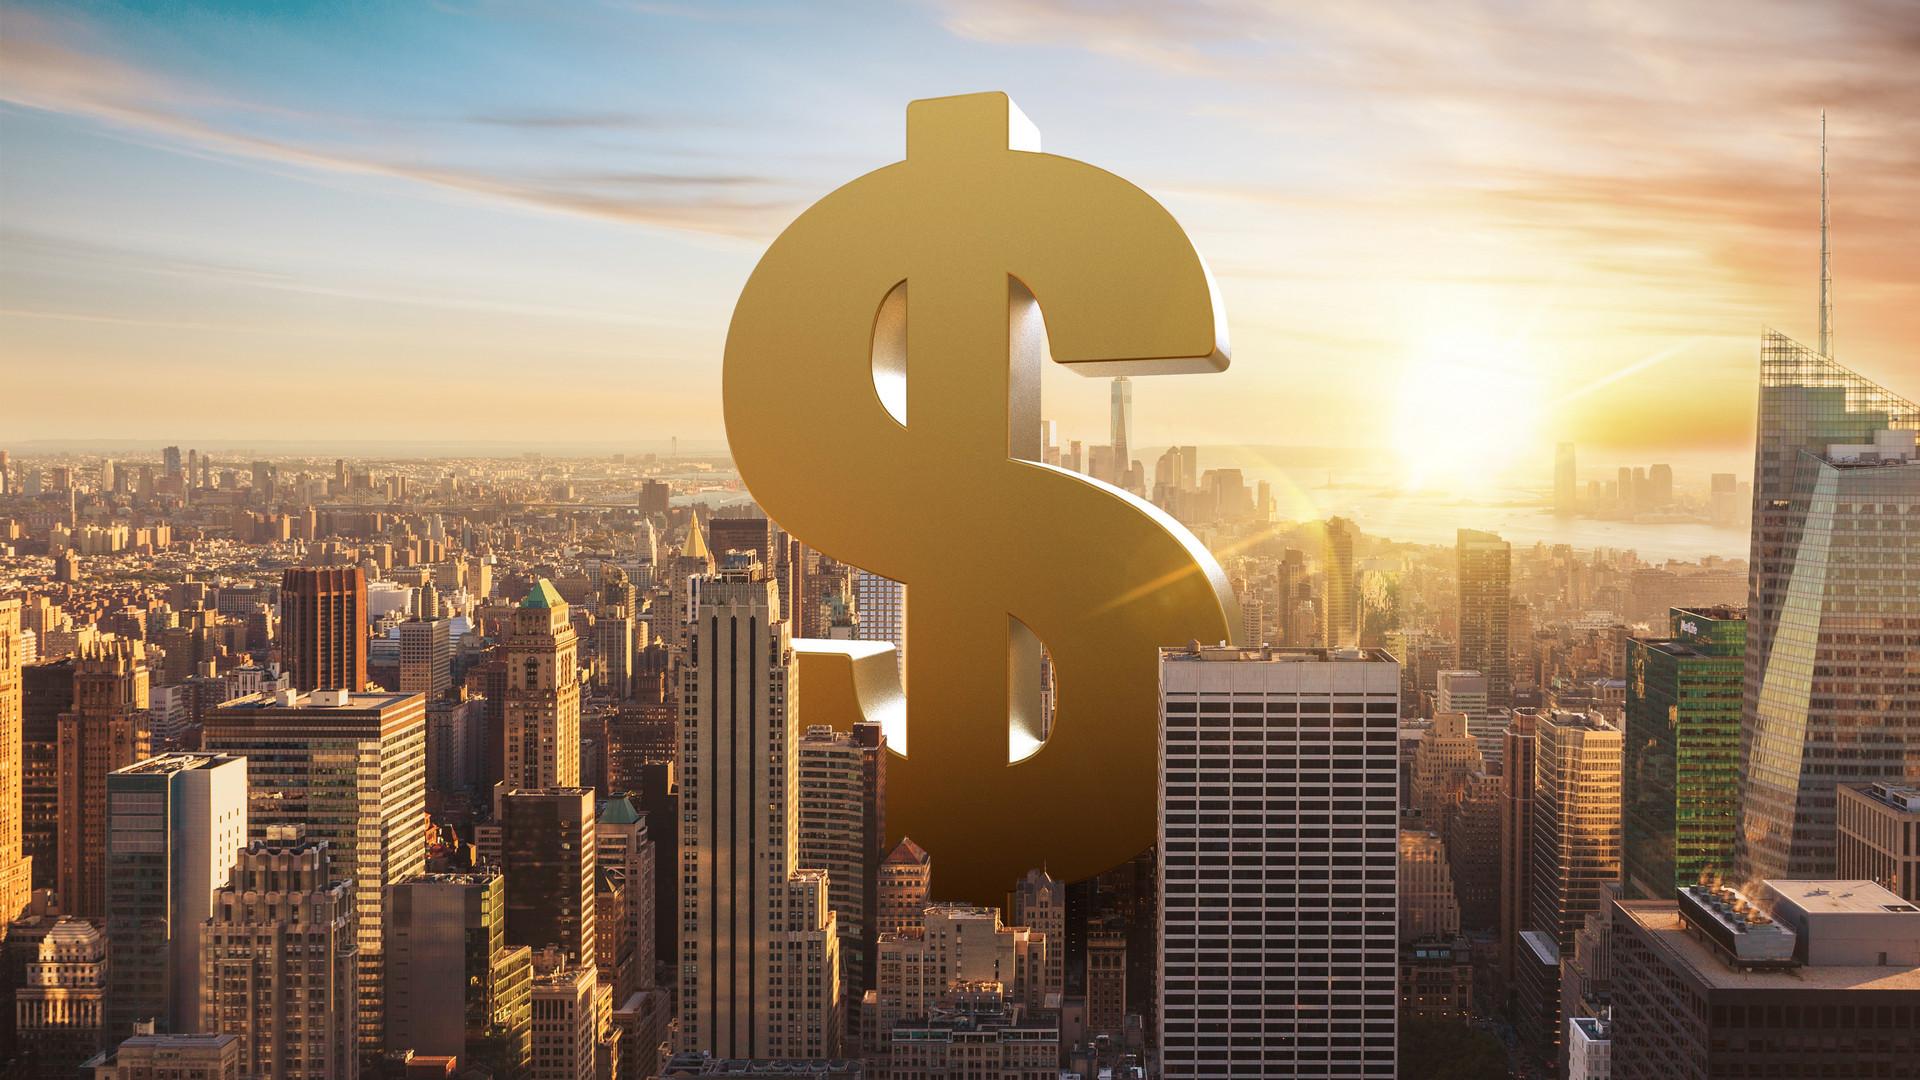 宜家哭了!它光靠收租一年进账60亿,商场数量比万达还多!